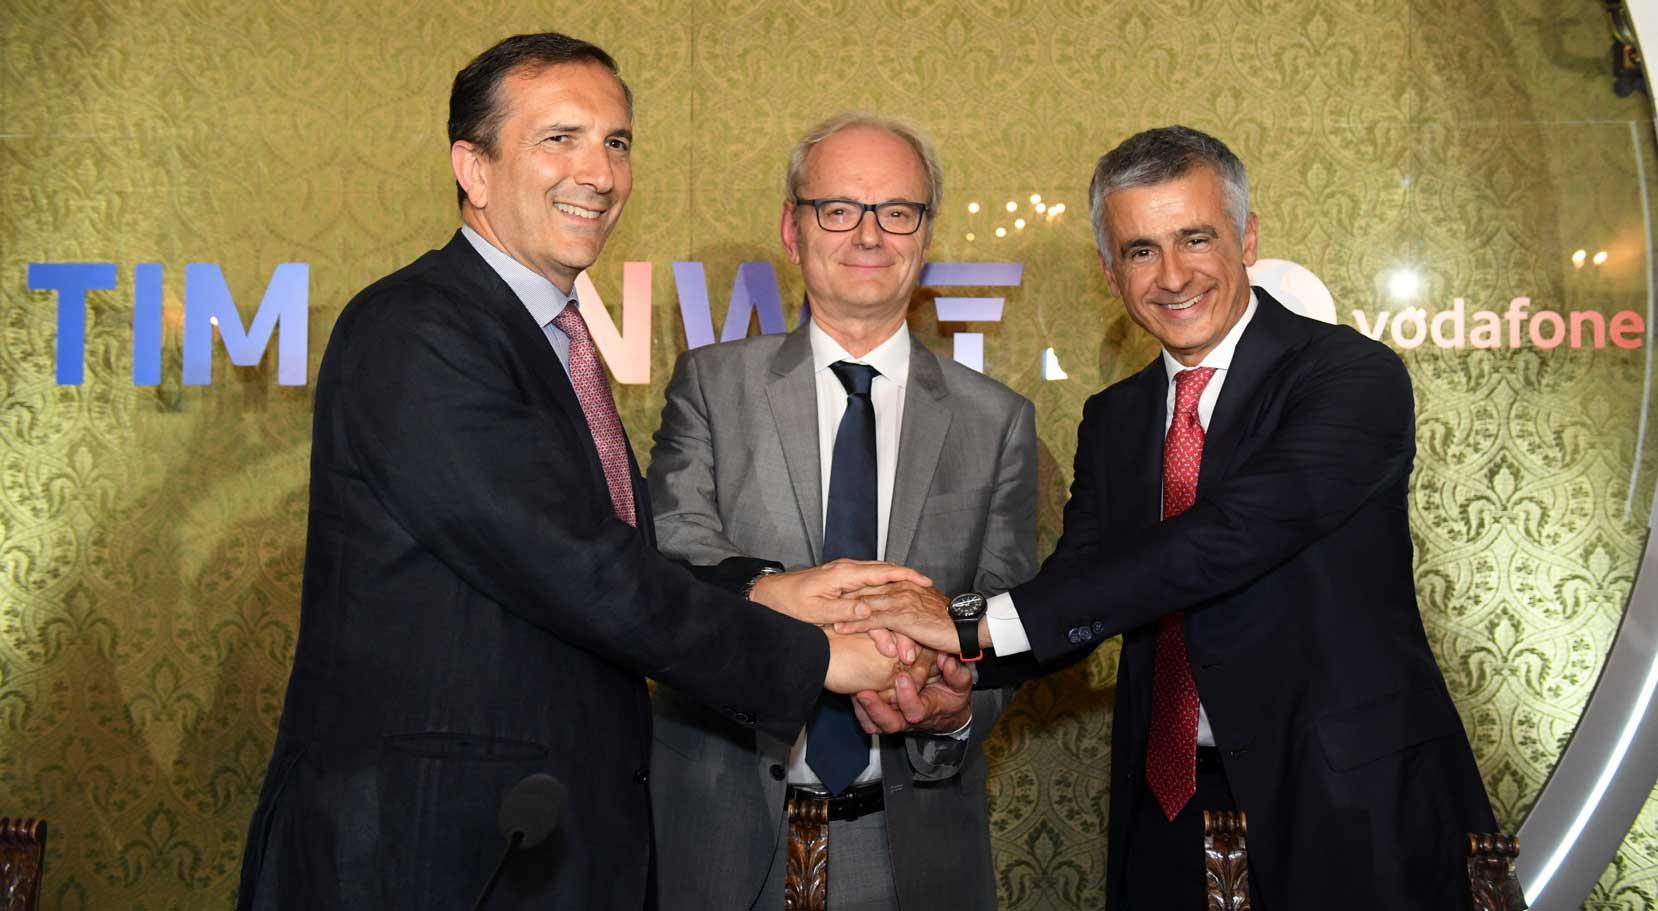 Luigi Gubitosi, amministratore delegato di TIM - Giovanni Ferigo, chief executive officer di Inwit - Aldo Bisio, amministratore delegato di Vodafone Italia